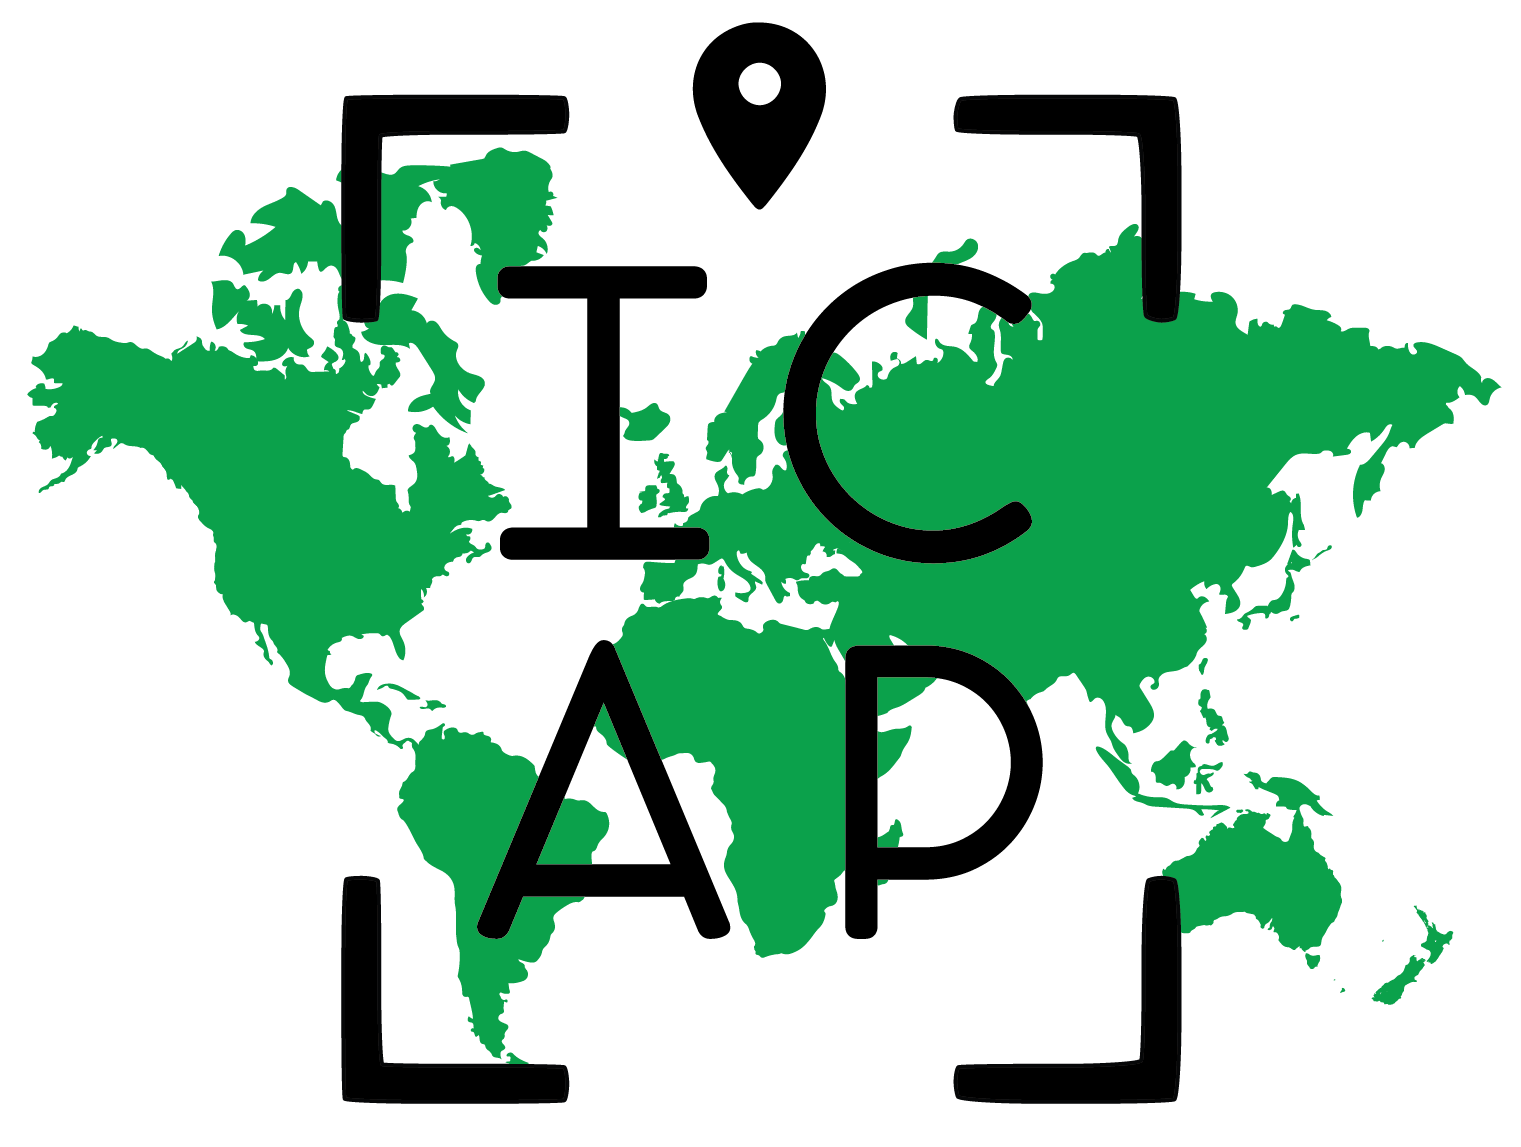 ICAP_web_mainlogo-23.png